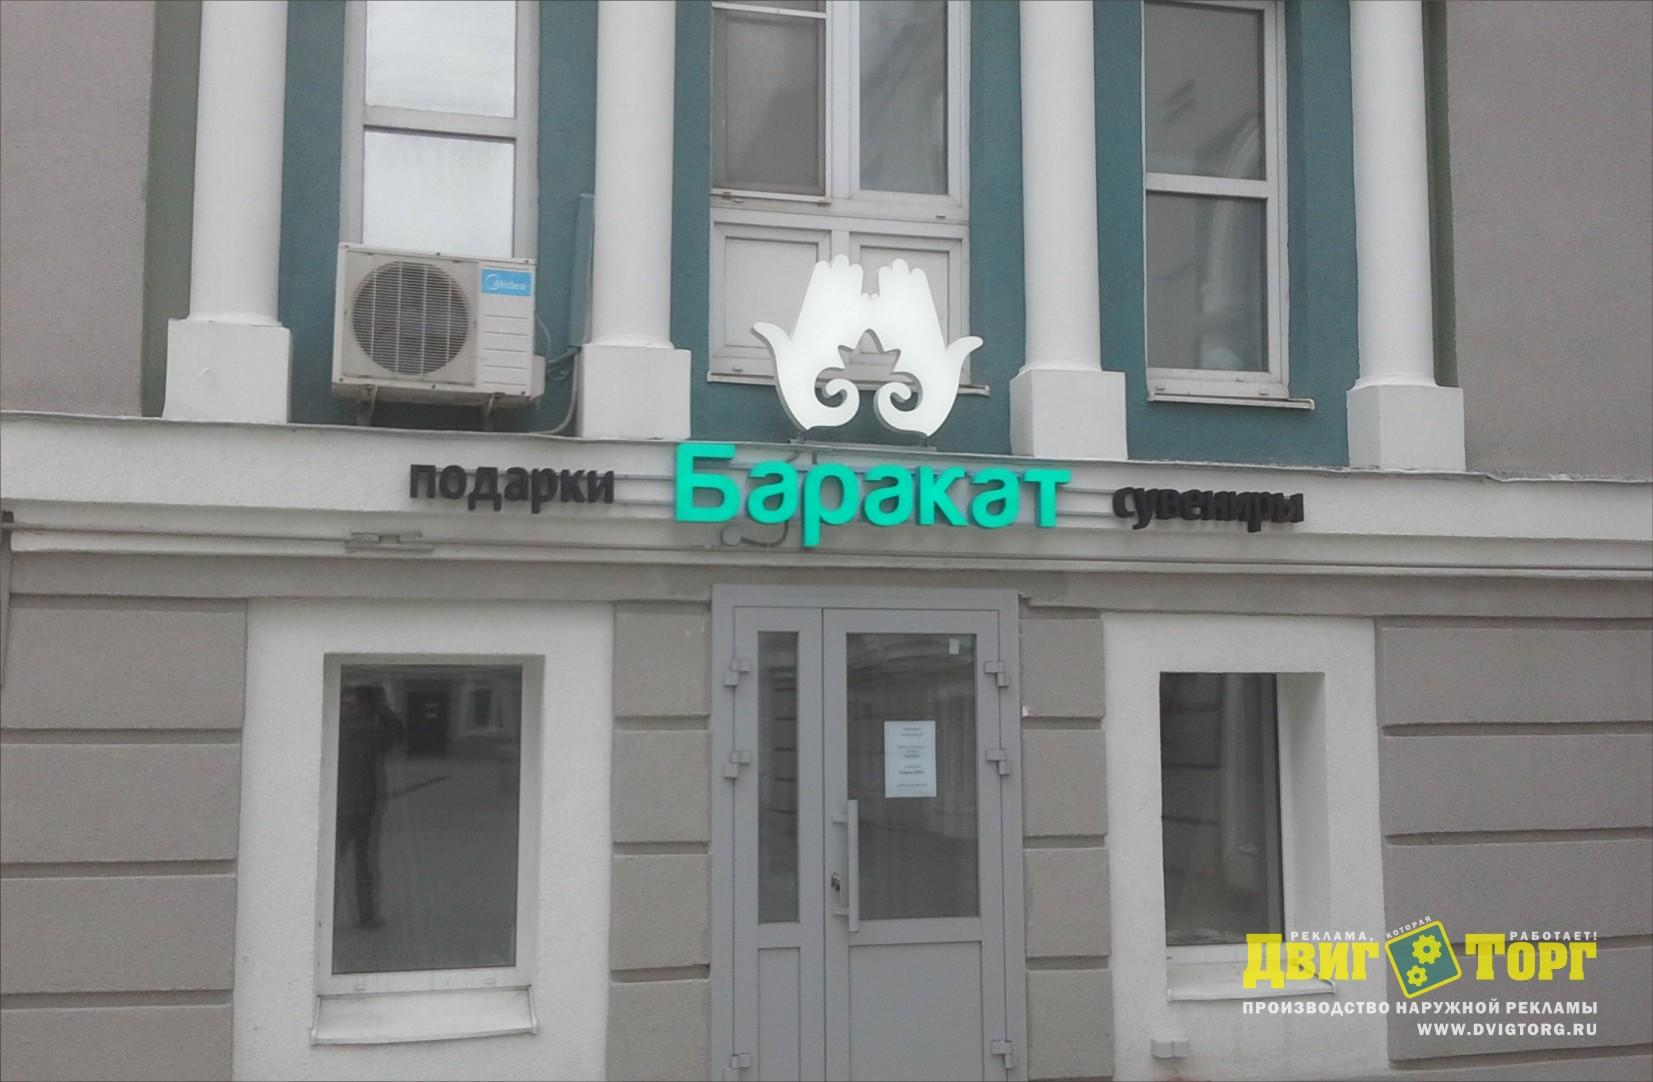 Буквы для Баракат